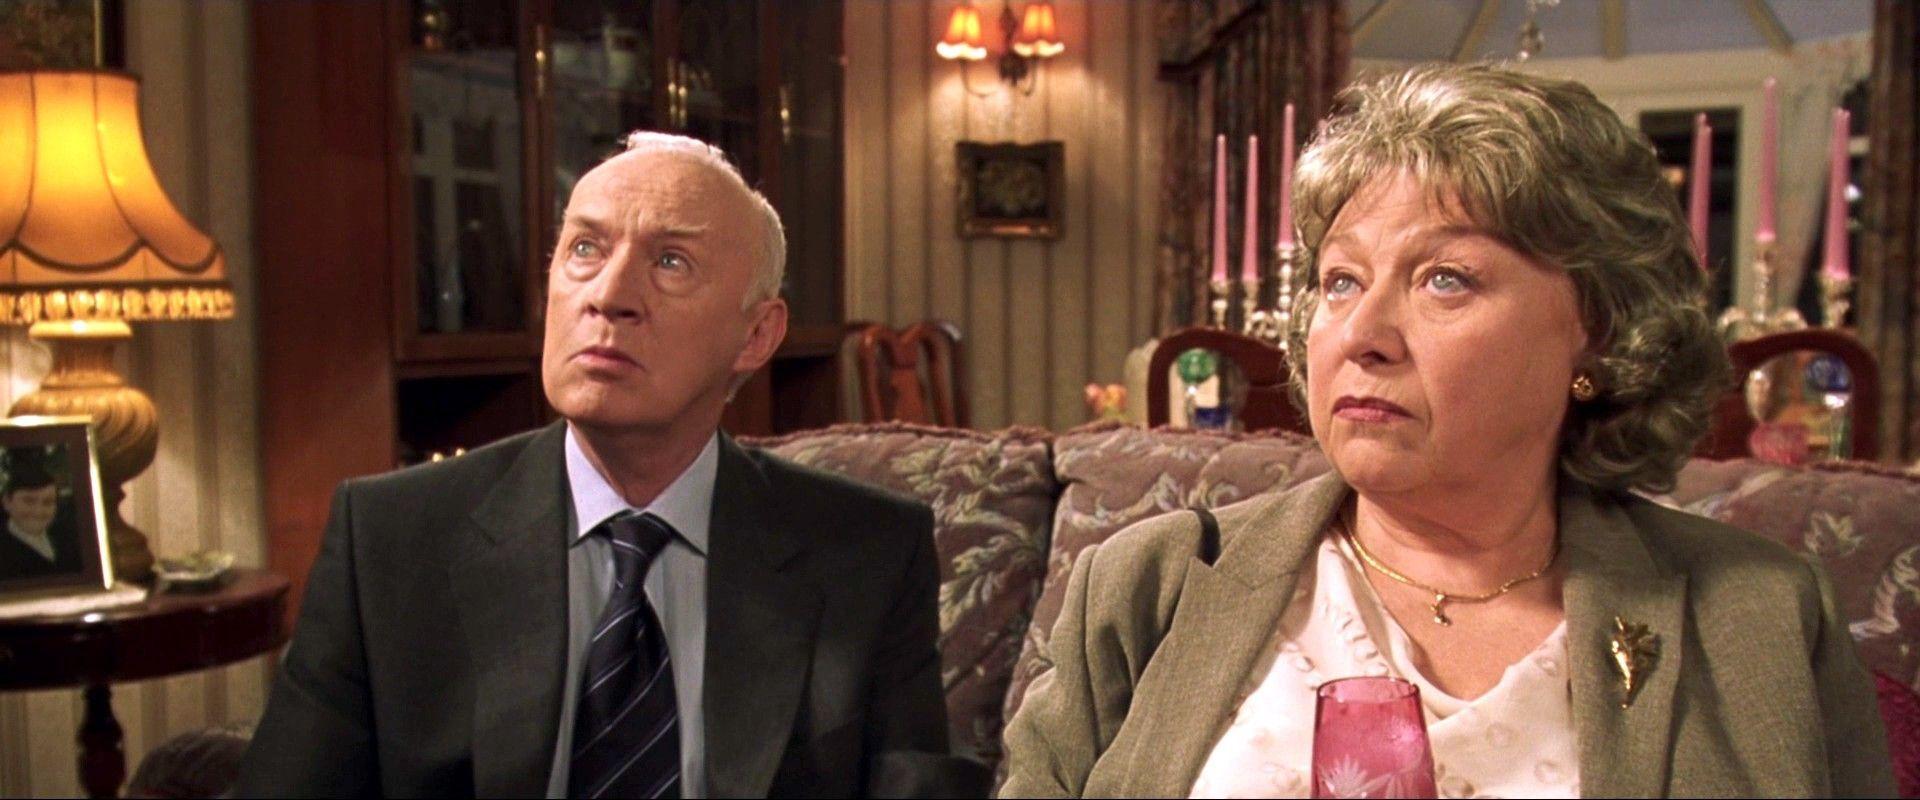 ¿ Cómo se apellida la pareja de esposos que visita a los Dursley al inicio del libro?